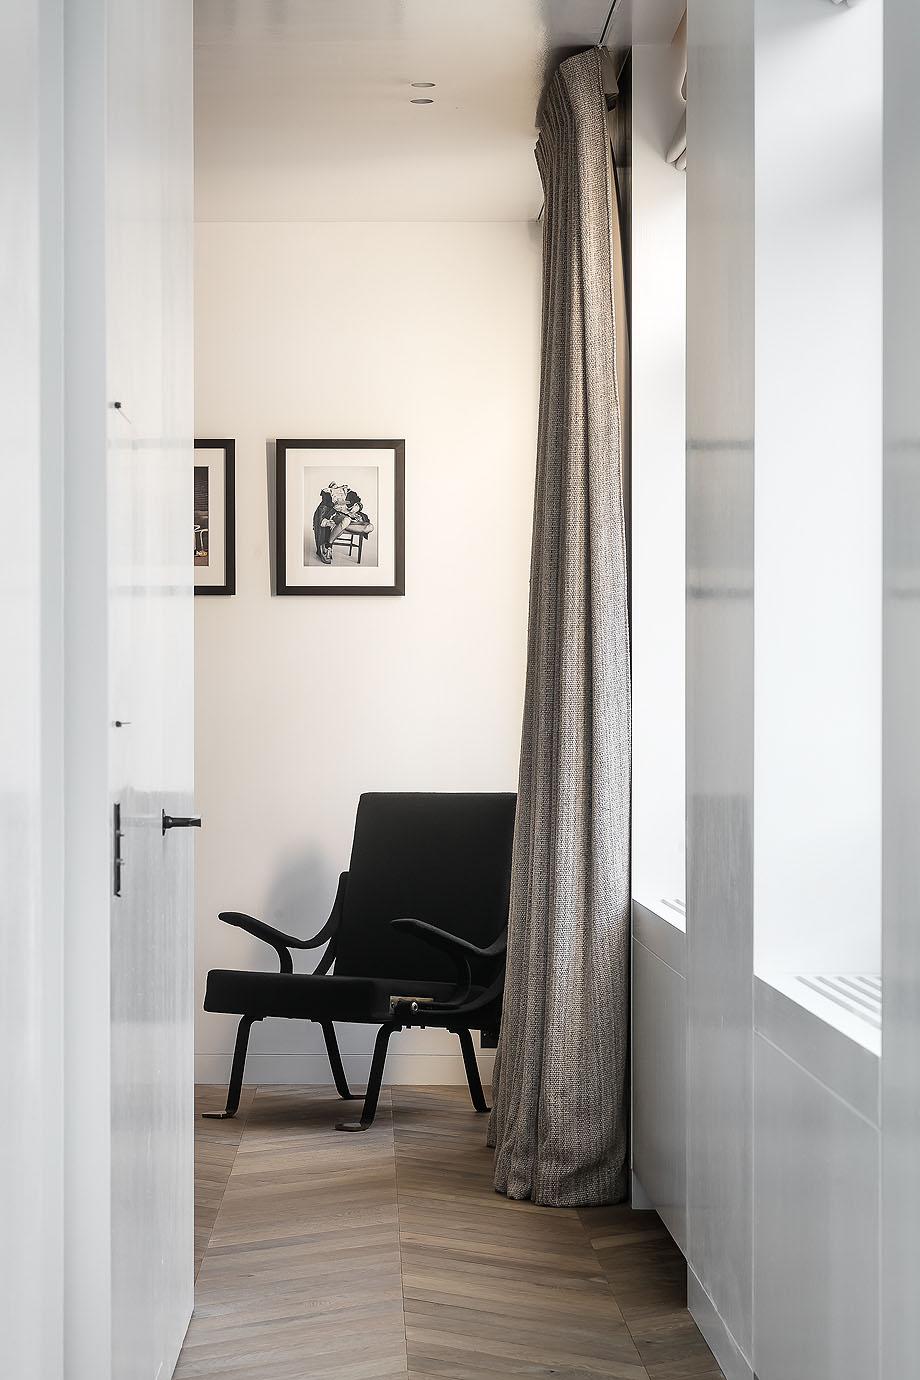 casa mk en amberes por nicolas schuybroek architects (11)